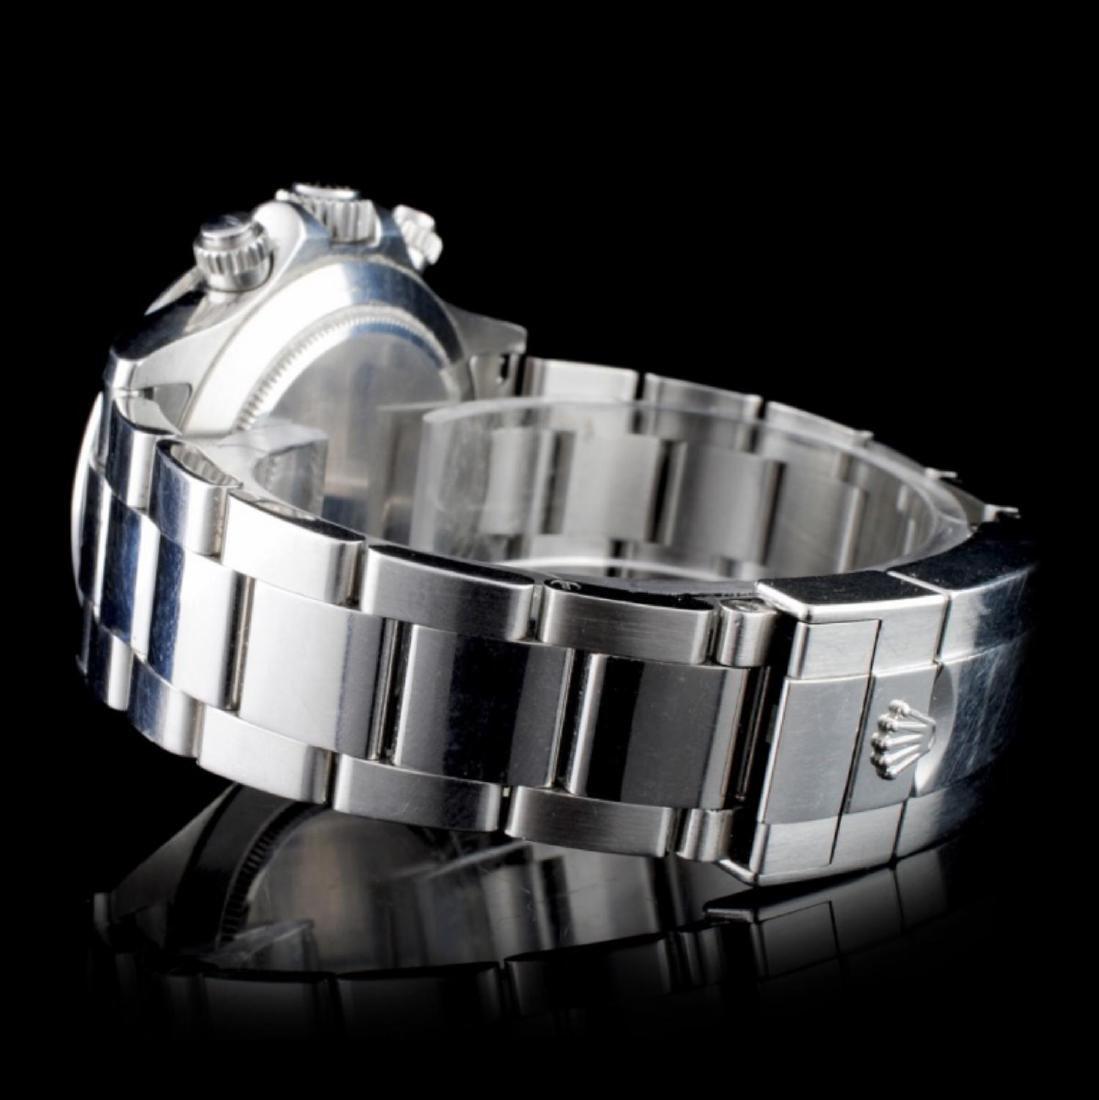 Rolex Daytona Stainless Steel Wristwatch - 2